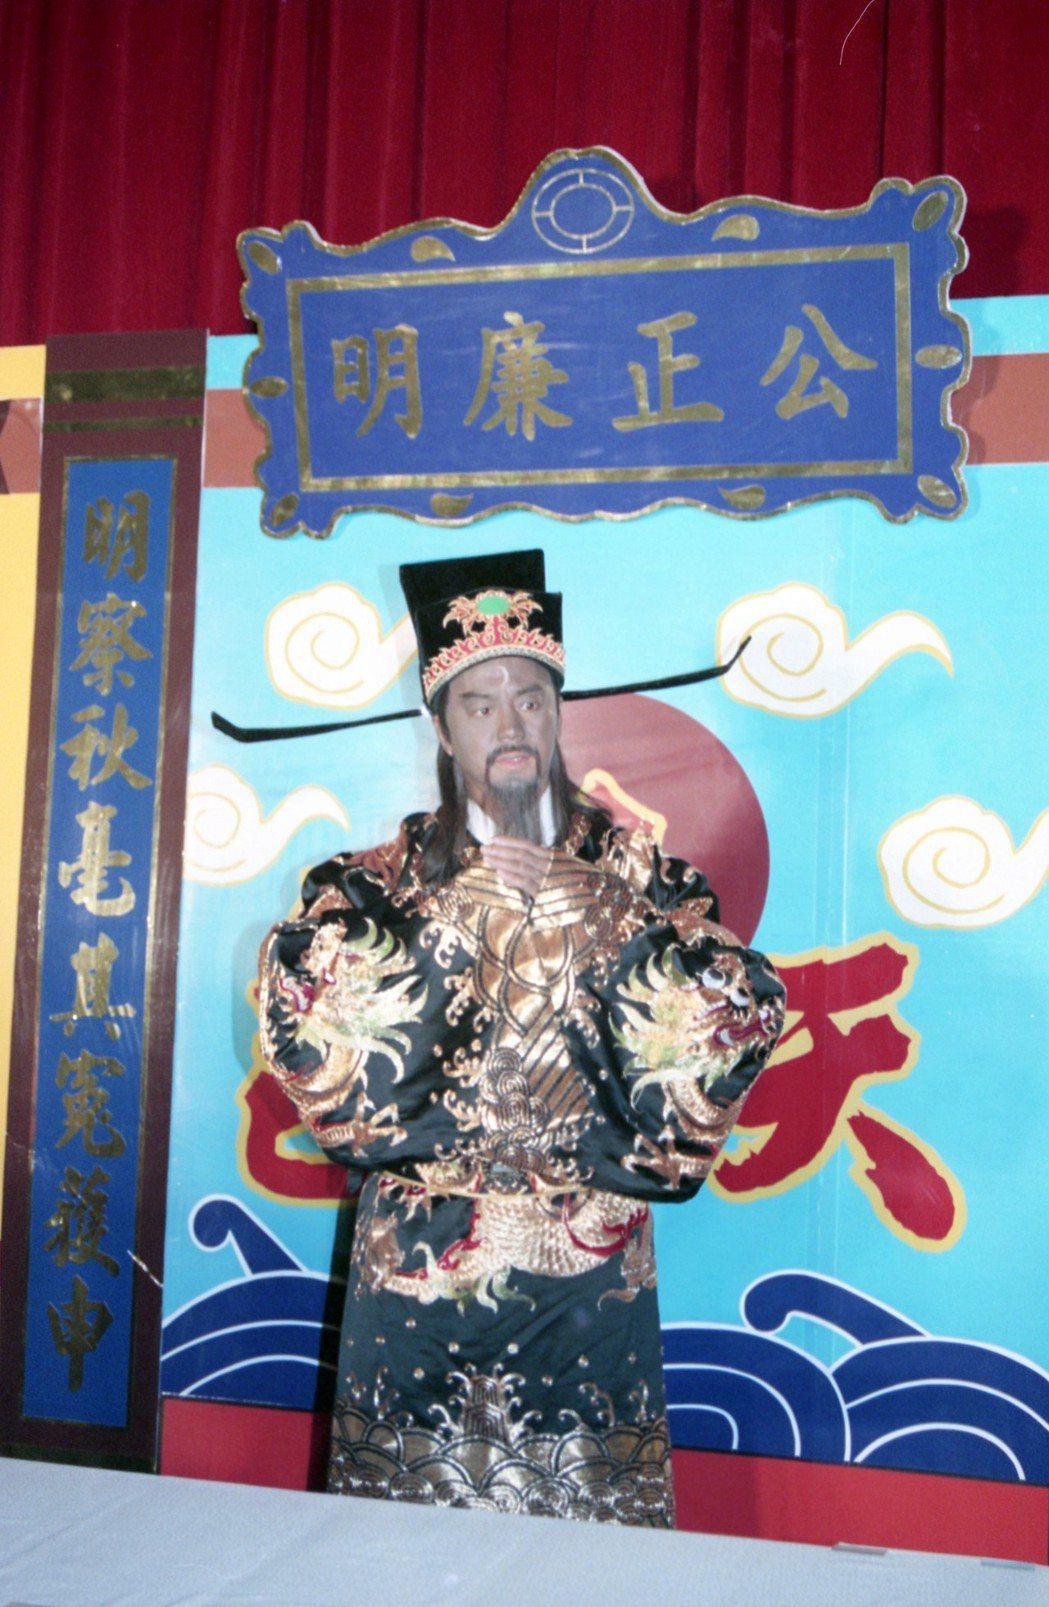 香港電視劇「包青天」也轟動一時。圖為飾演包青天藝人狄龍。 圖/報系資料照片